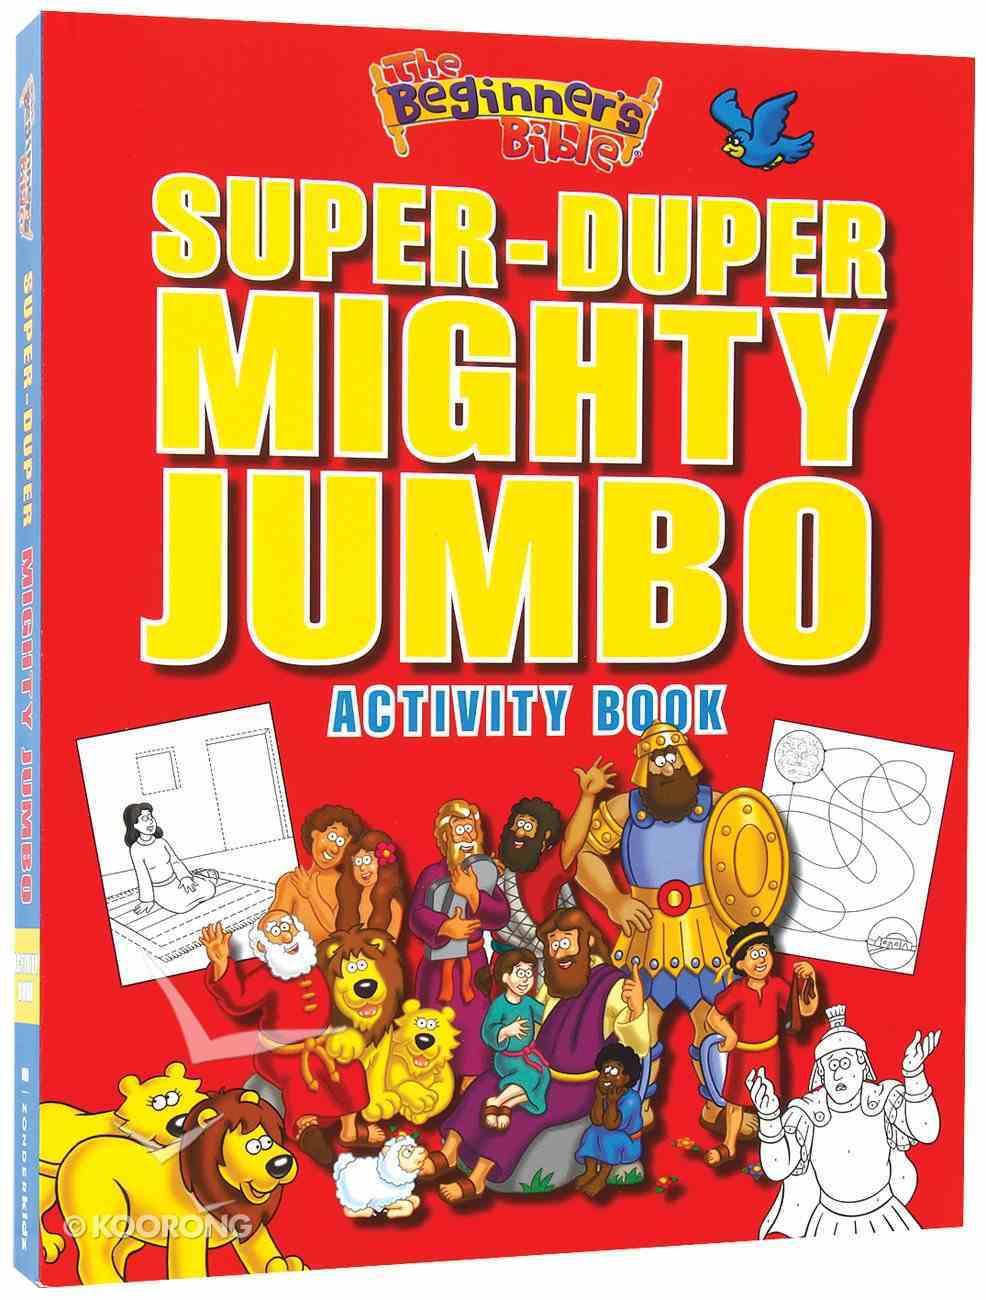 Super-Duper, Mighty, Jumbo Activity Book (Beginner's Bible Series) Paperback